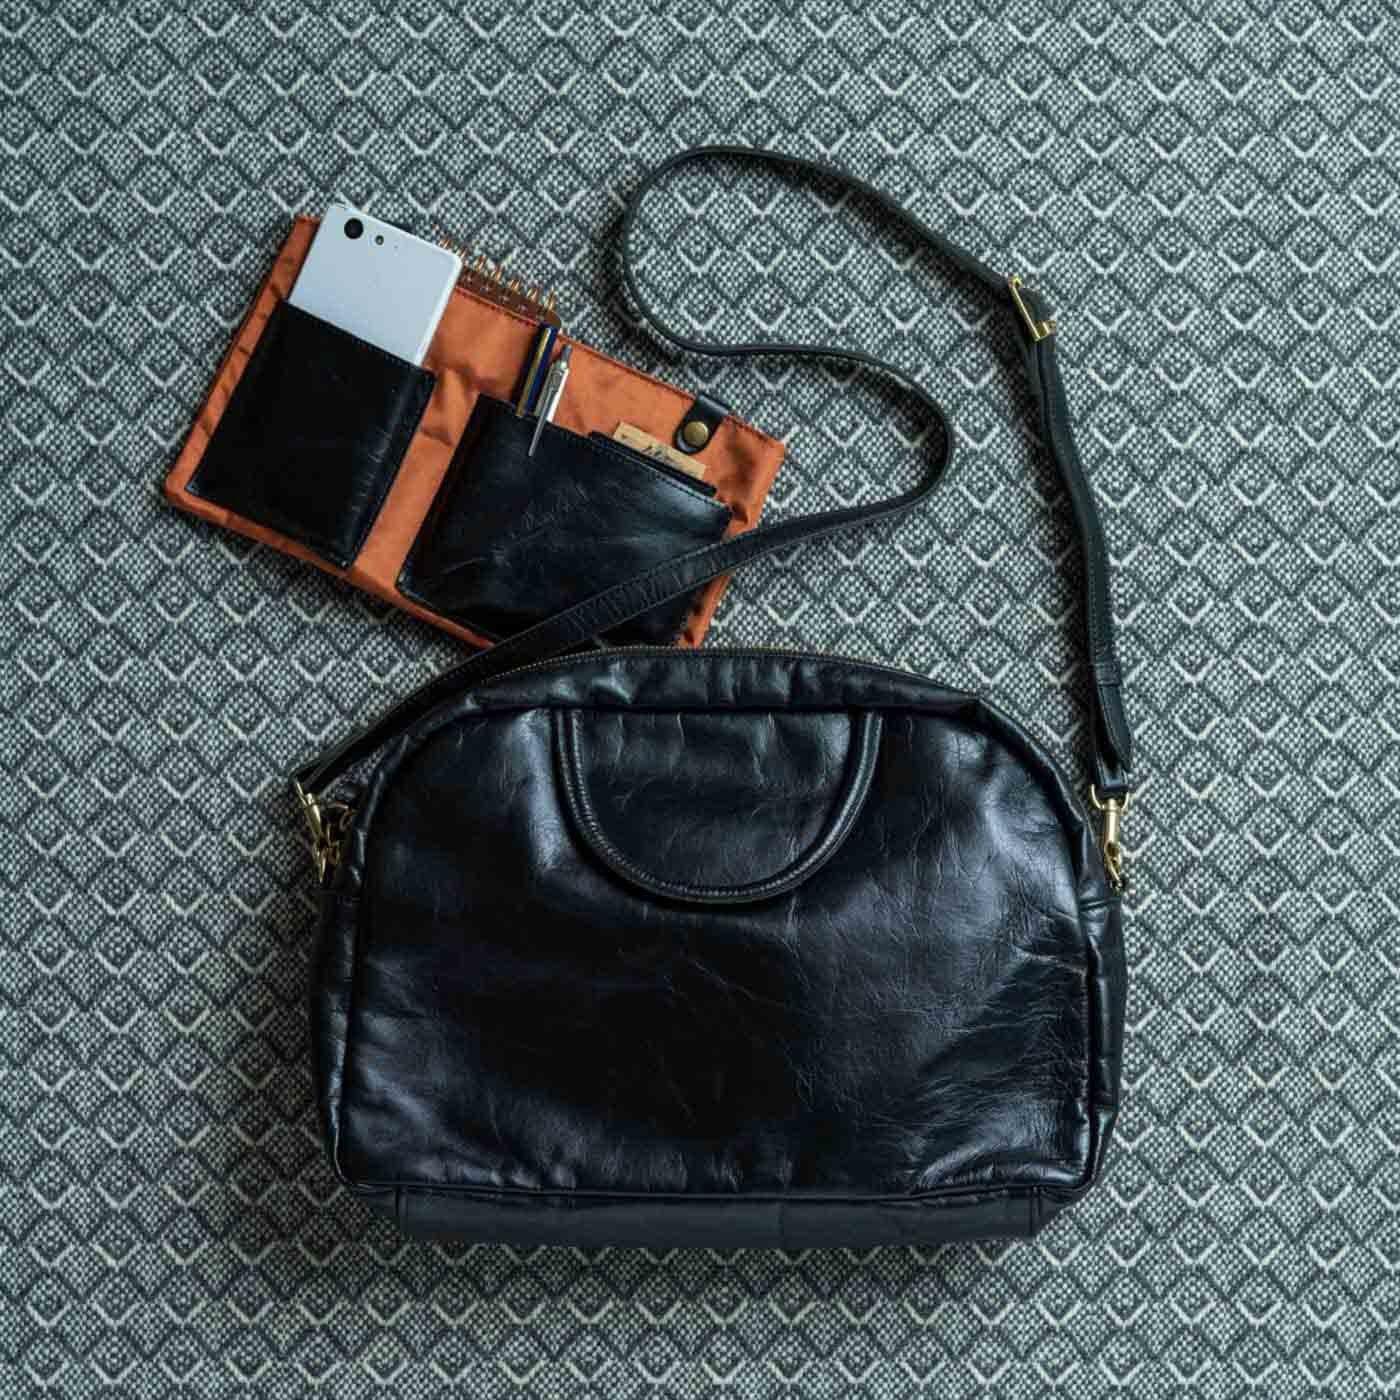 ファッションスタイリストと作った 職人本革のエチューデントバッグ〈ノアール〉